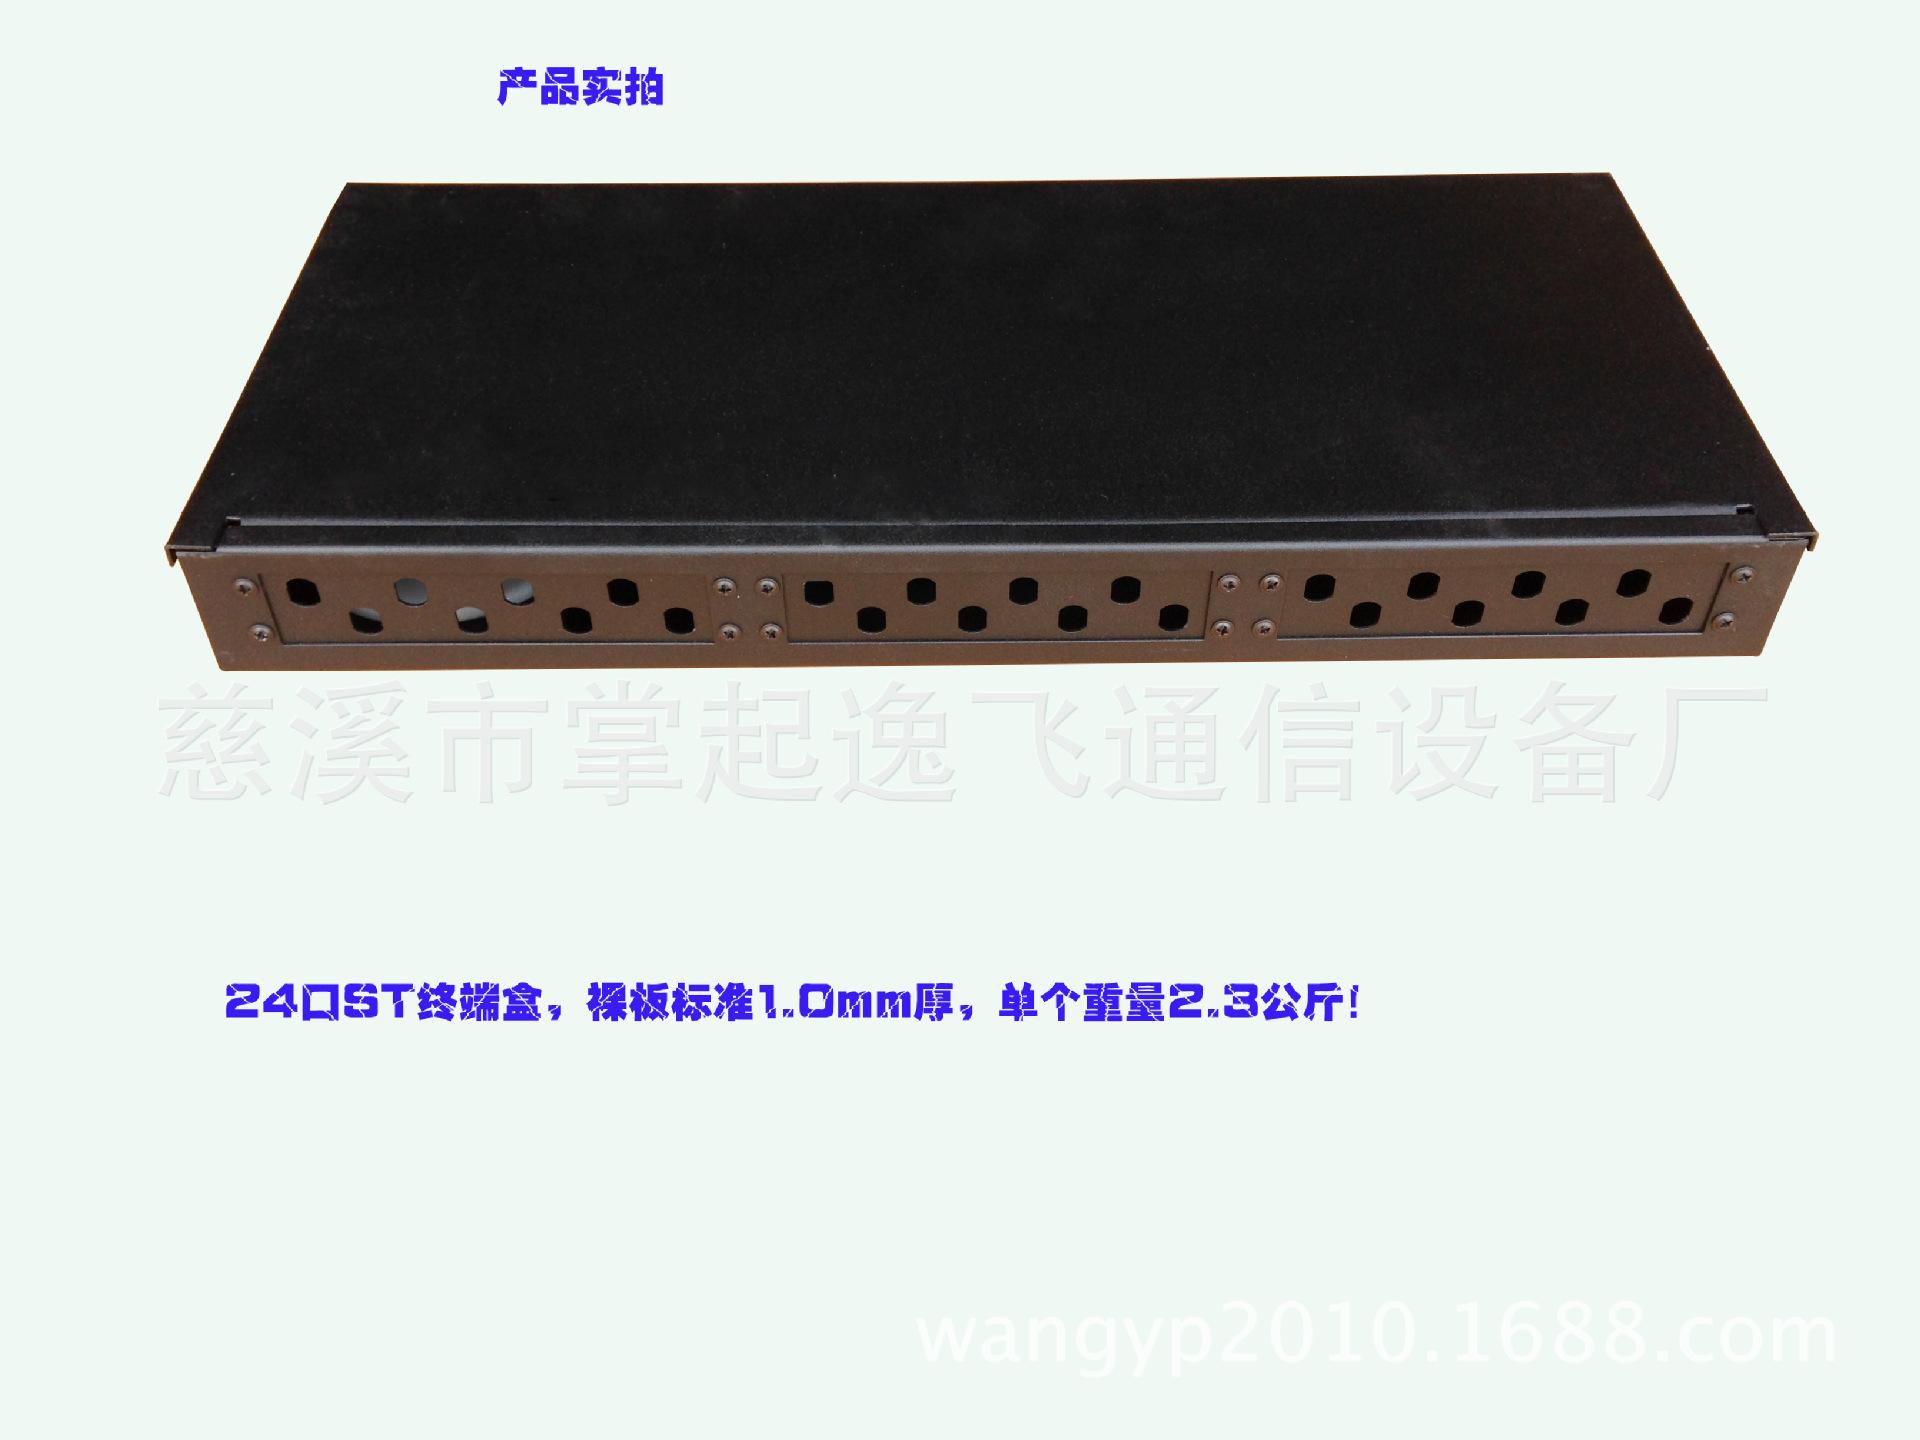 24口ST终端盒